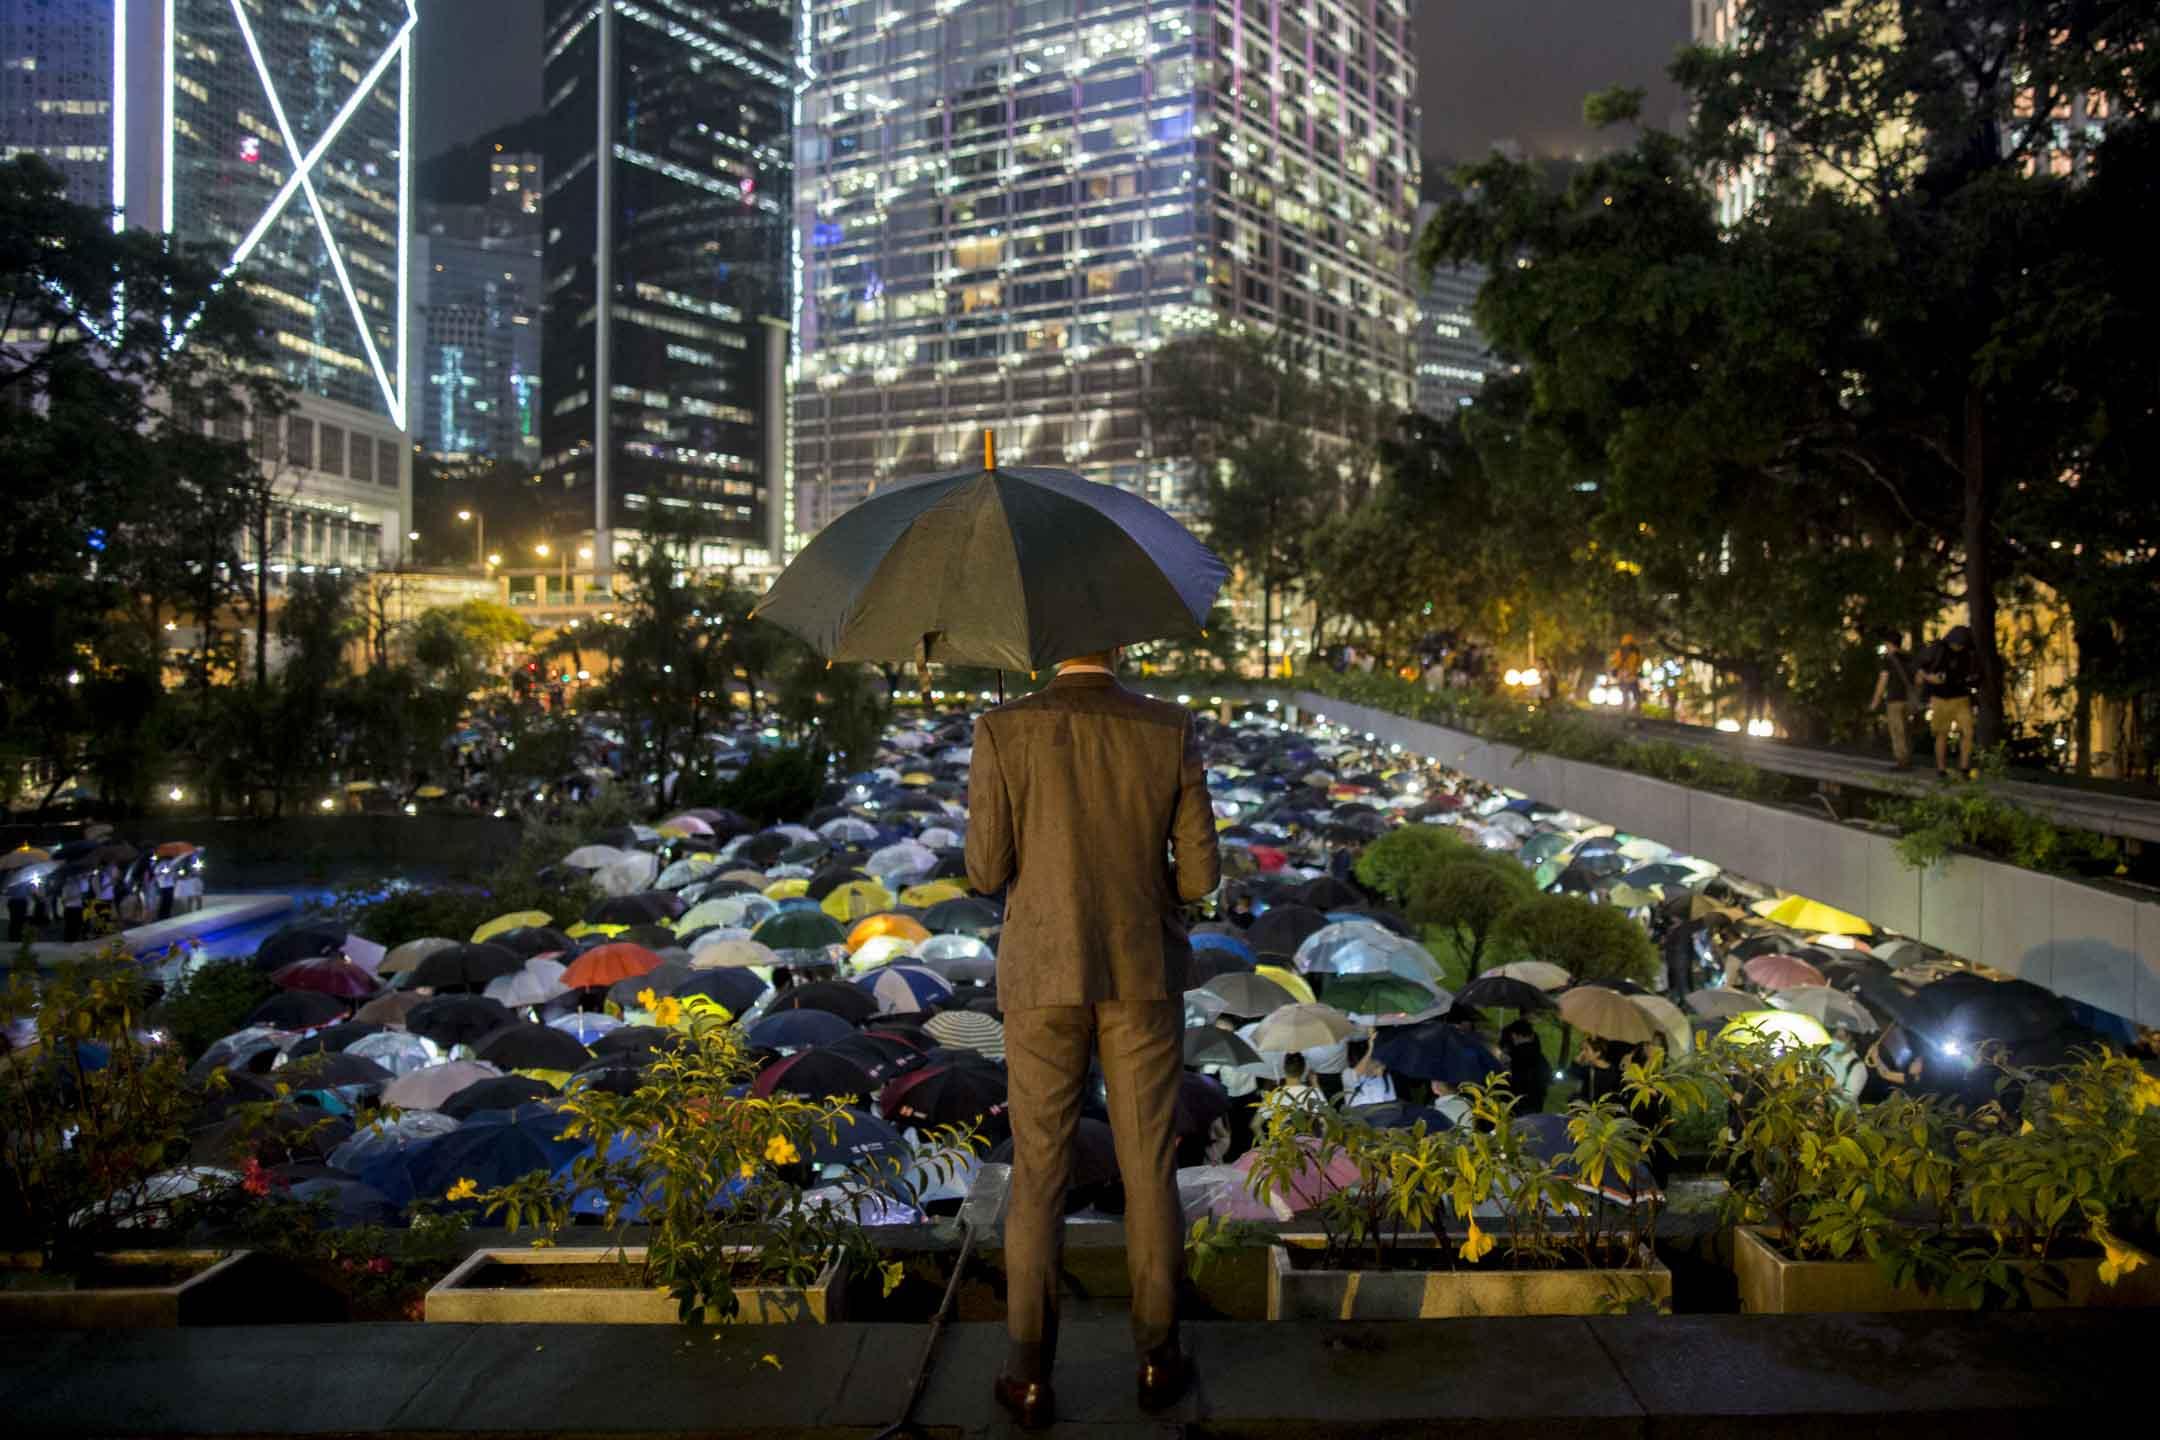 2019年8月1日,有金融界從業員響應網上號召,在中環遮打花園舉行「快閃」示威,抗議《逃犯條例》修訂,參加者站滿整個遮打花園。